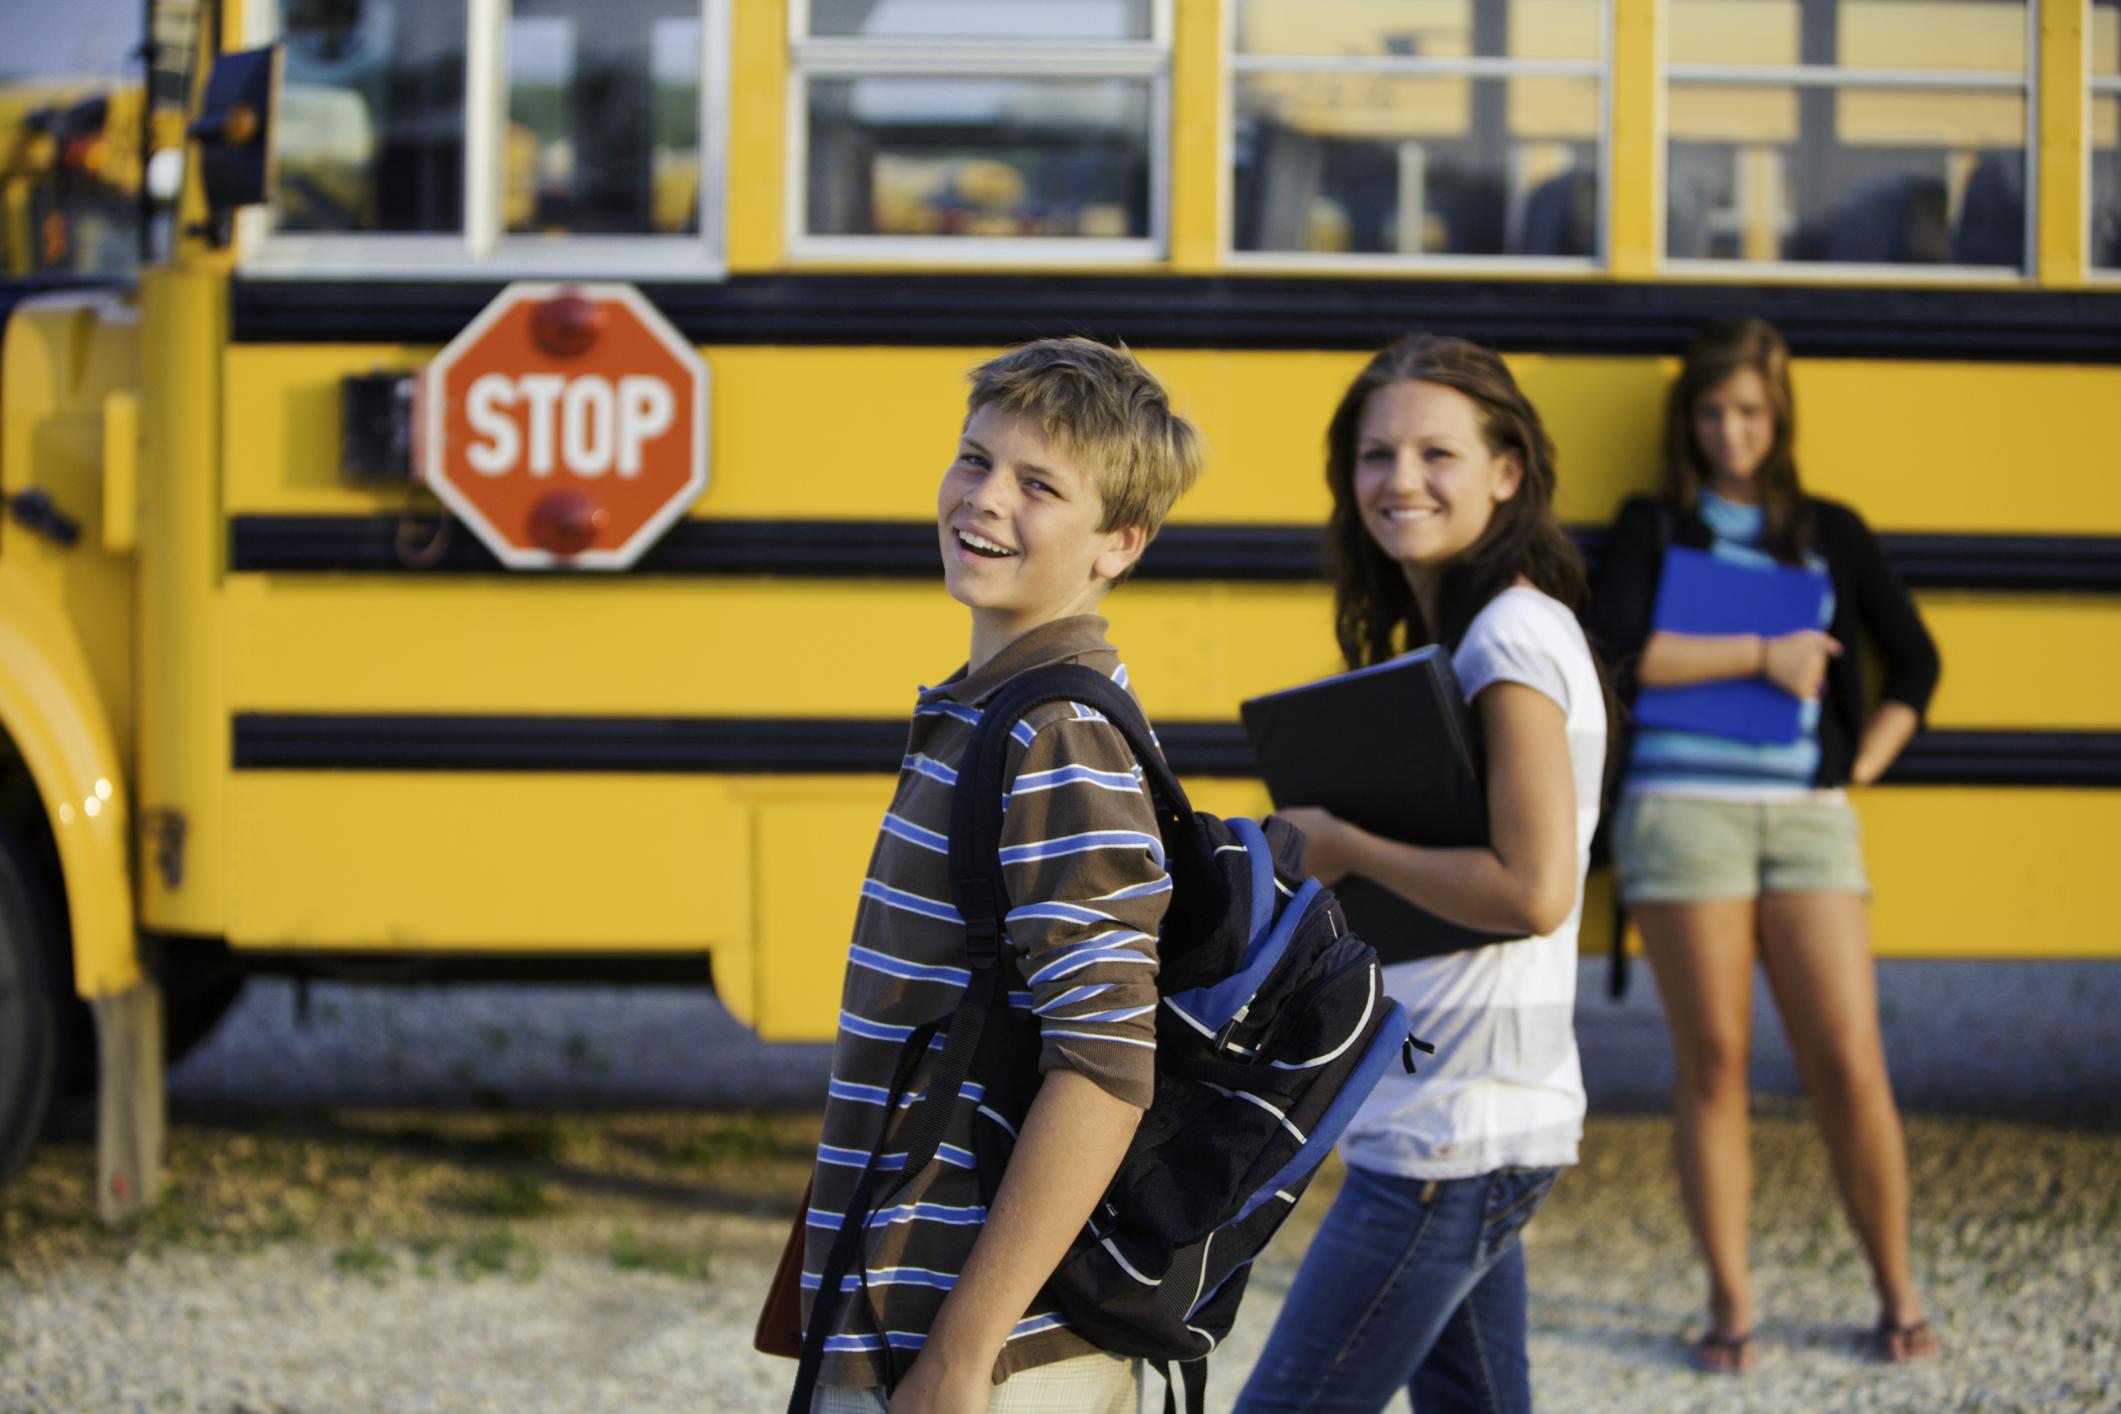 Kids By SchoolBus - iStock